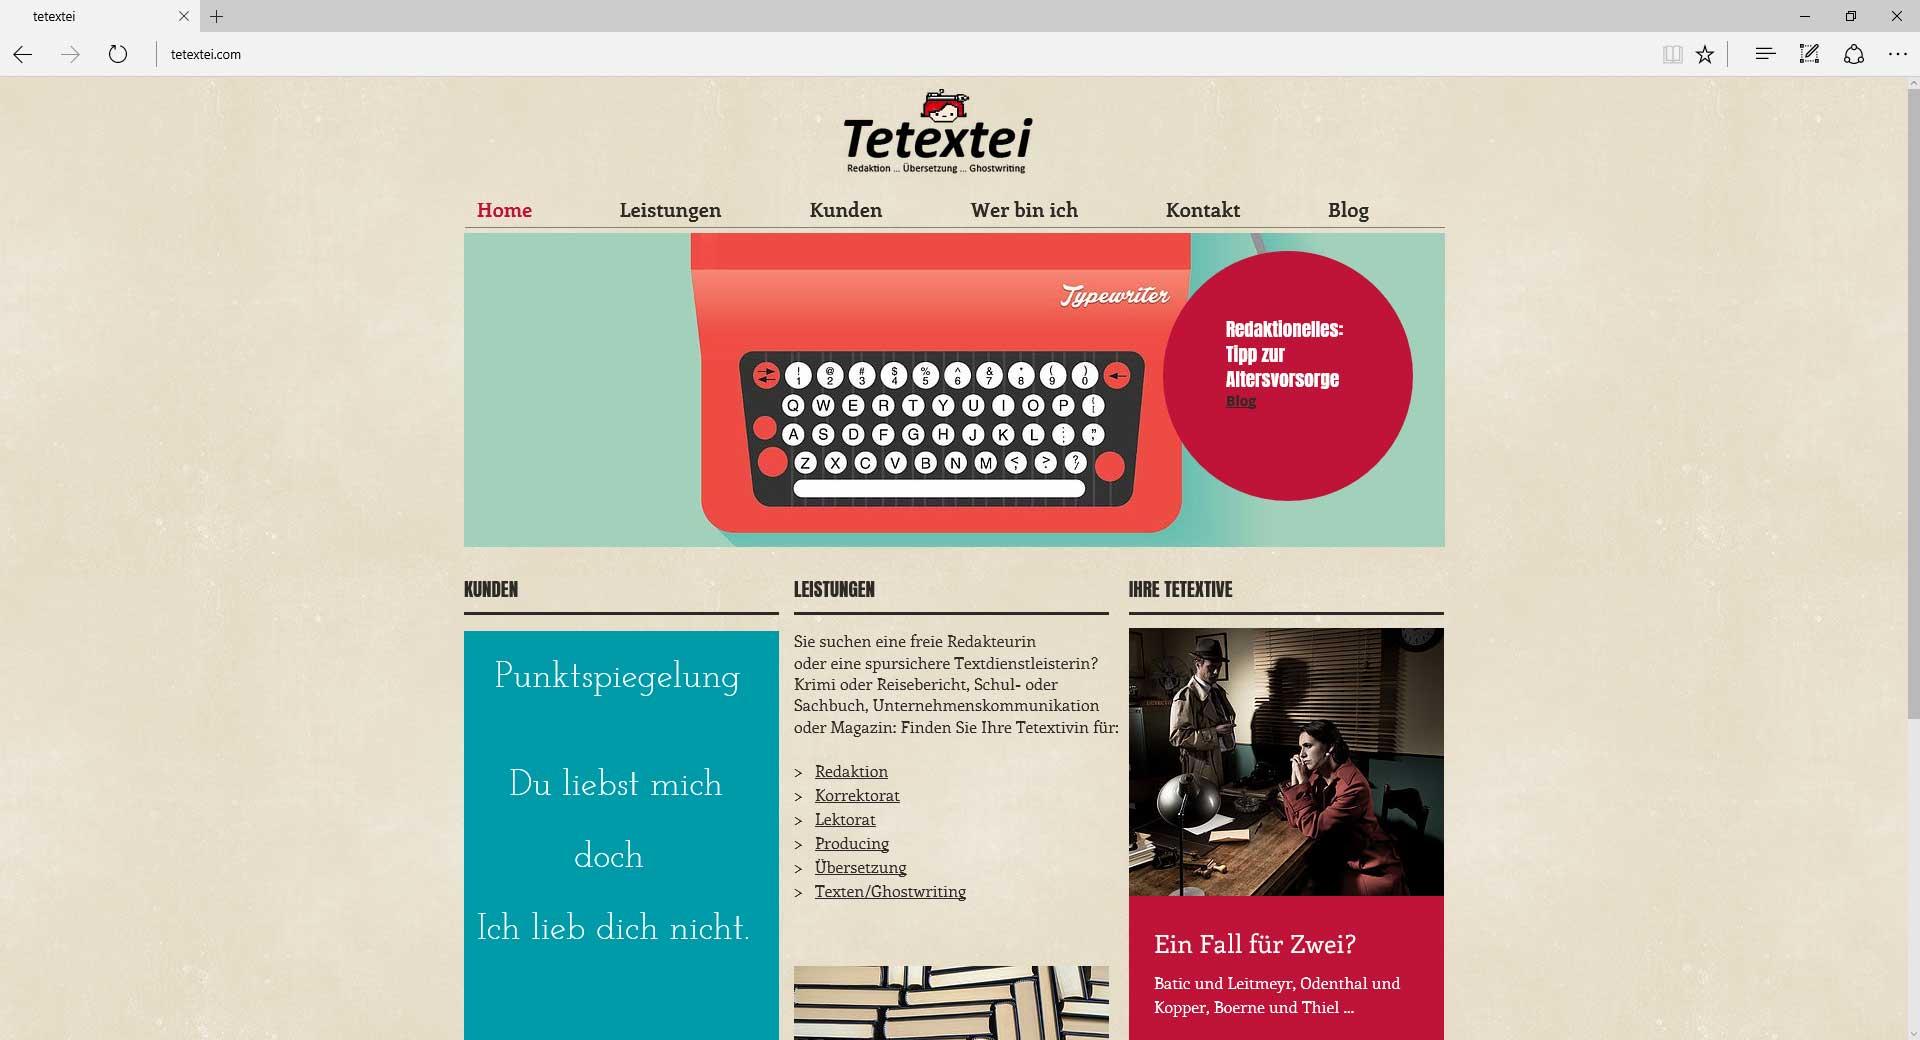 tetextei Berlin, Webseite.